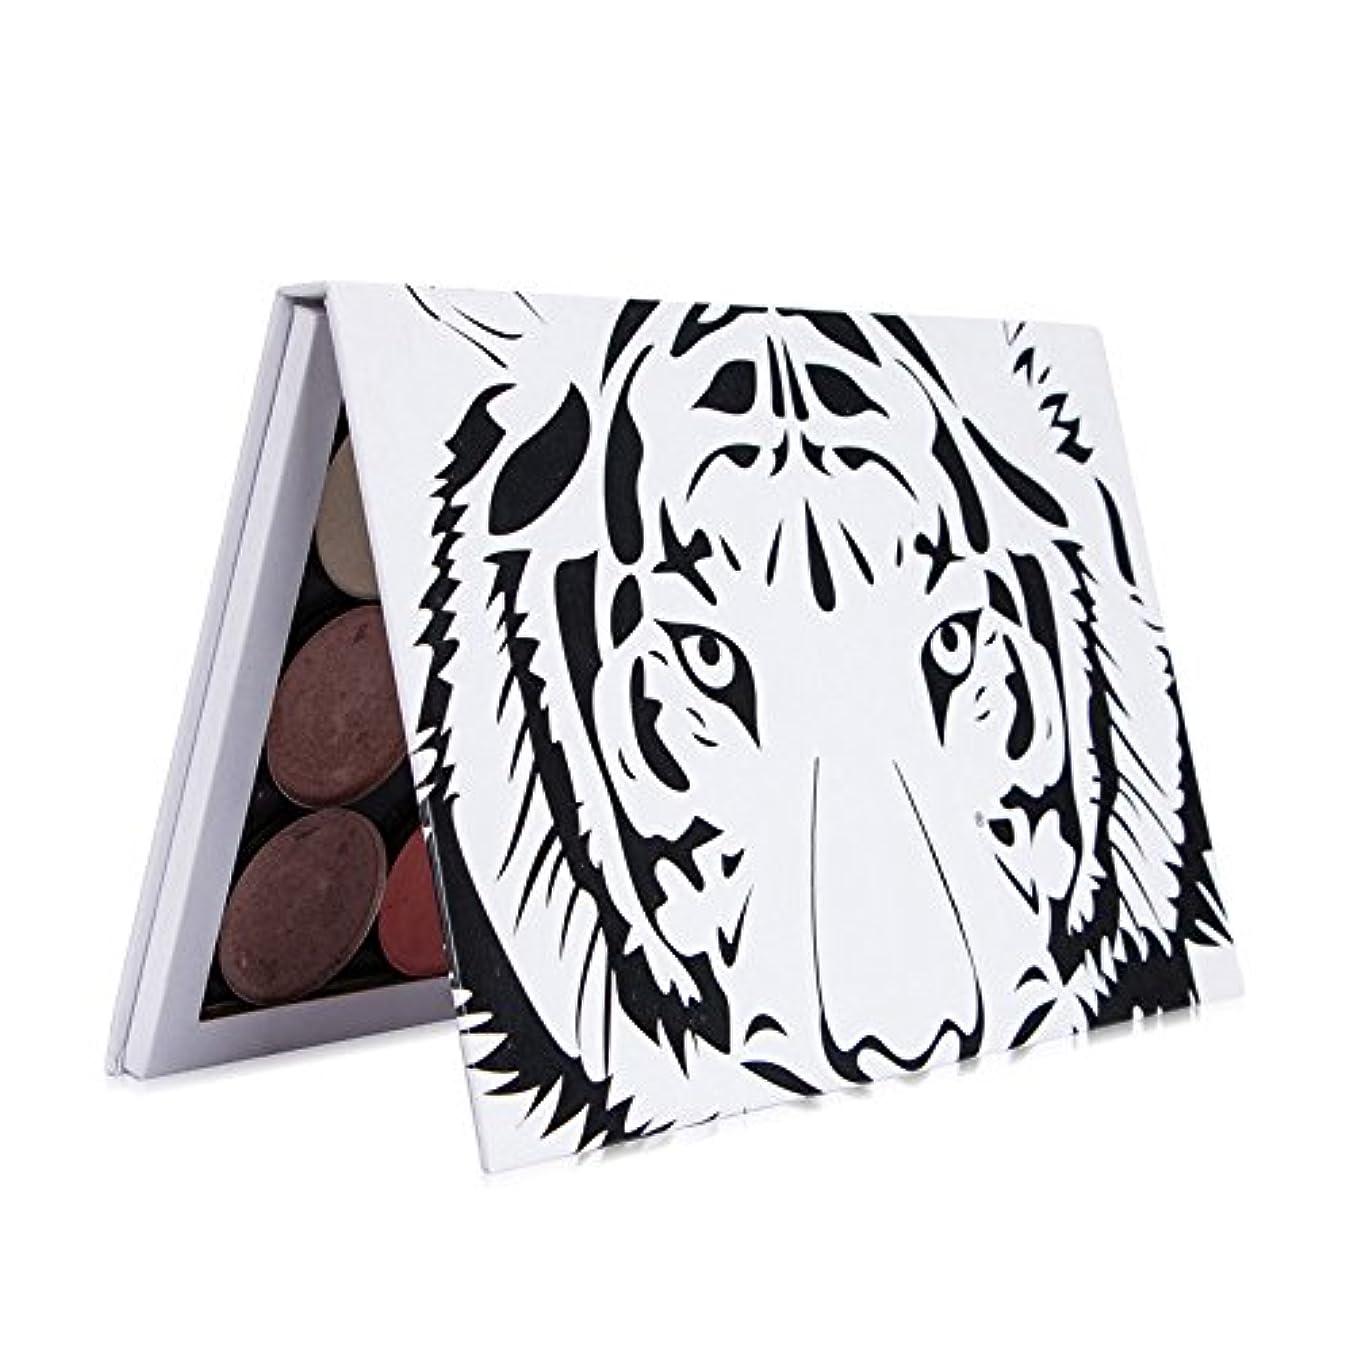 驚くべき対抗バーベキュー空の磁気パレット化粧パレットパッドタイガーヘッド大パターンDIYパレット